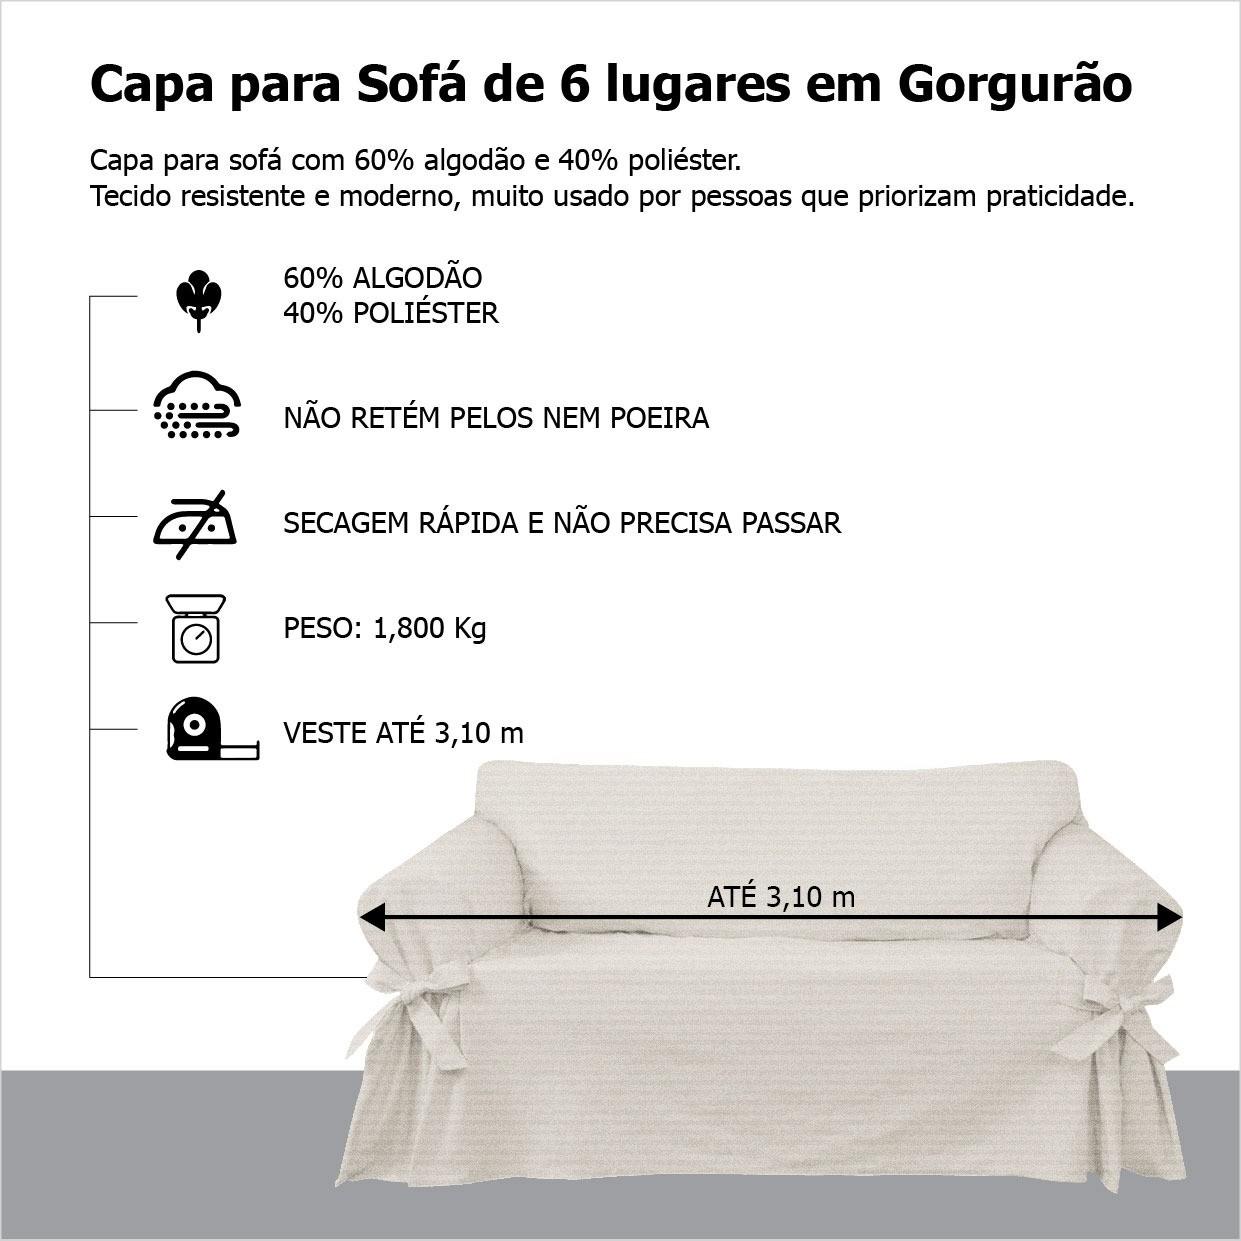 Capa p/ Sofá de 6 Lug BEGE em Gorgurão